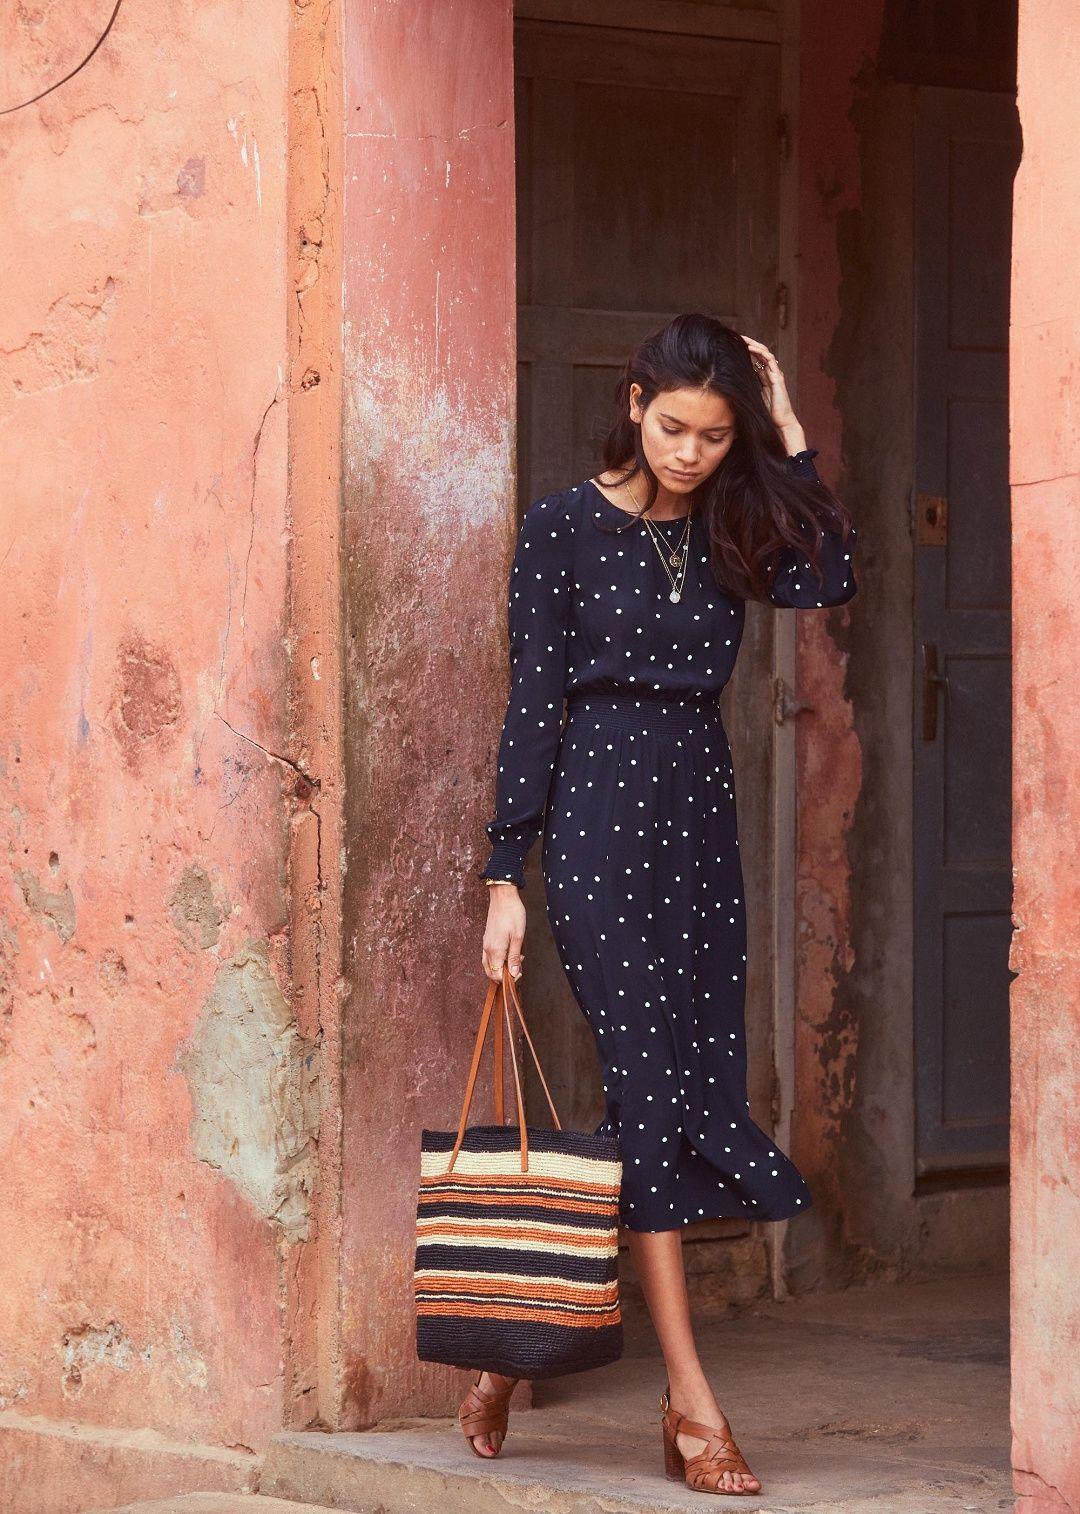 Sezane Robe Julia Fashion In 2018 Pinterest Robe Sezane And